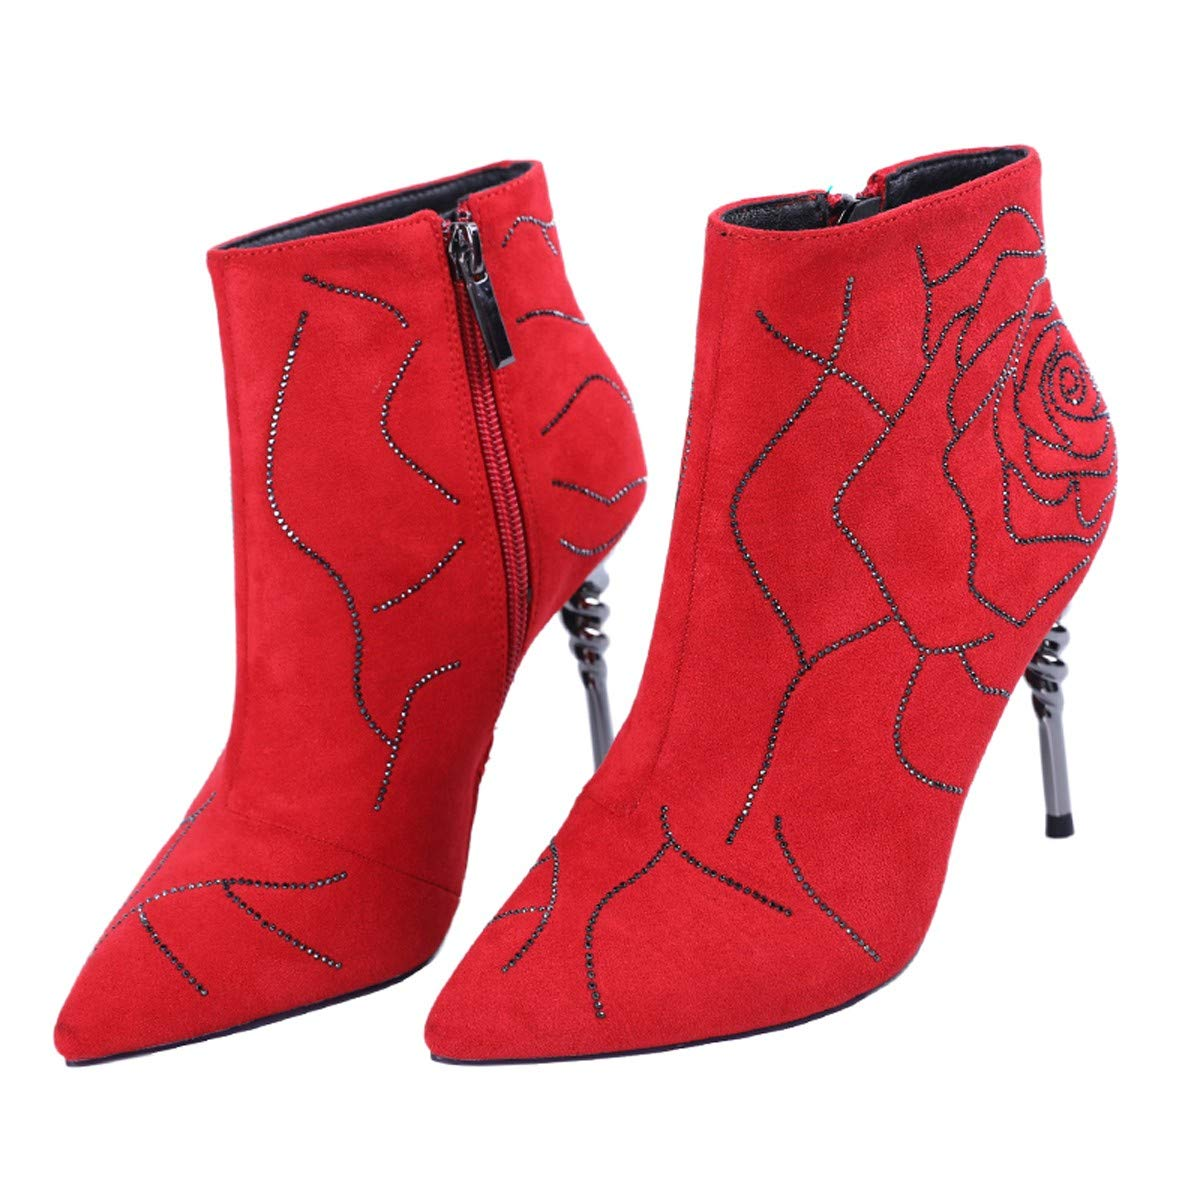 LBTSQ-Martin Stiefel Fashion Tops Wasser Bohrer Spitze Dünne Heels Dünn Stiefel 9Cm Hohe Schuhe Stiefel Braut-Schuhe